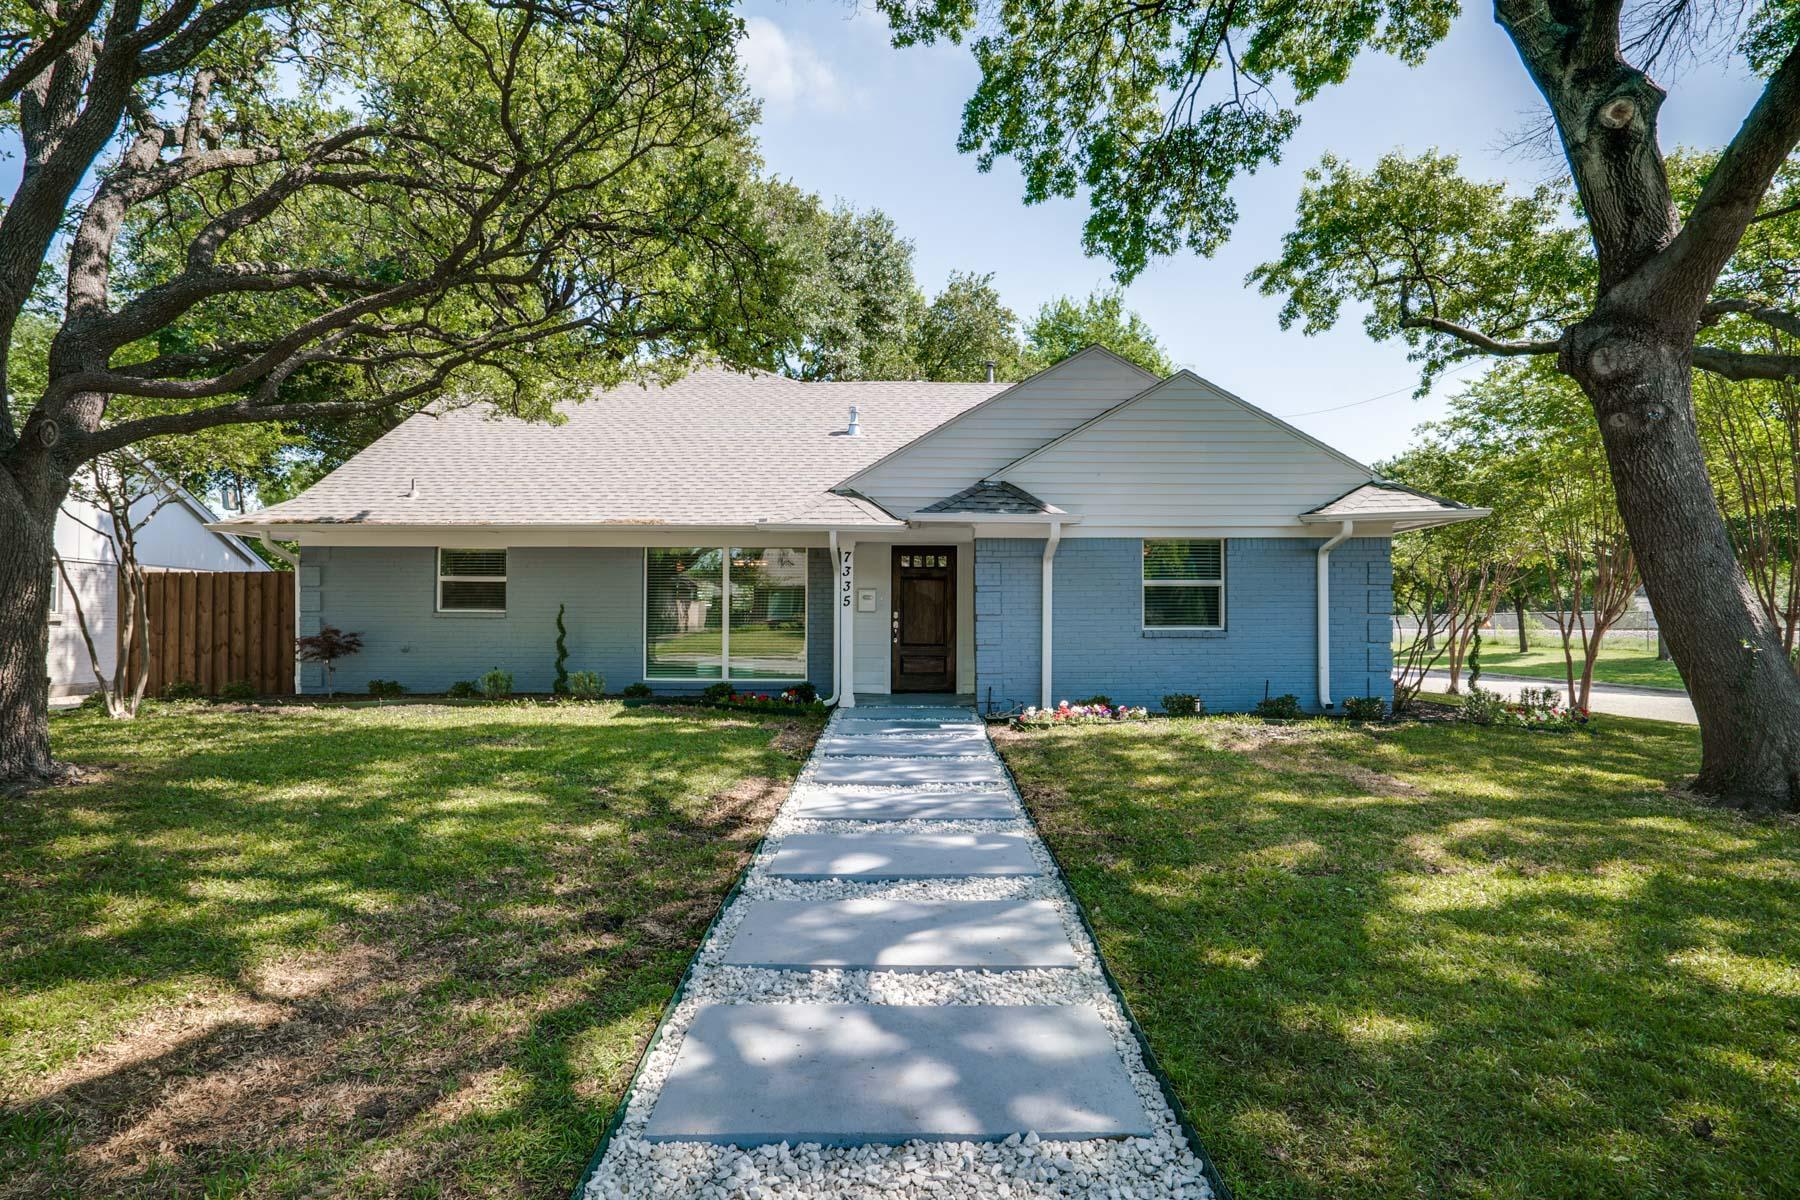 Maison unifamiliale pour l Vente à University Terrace Traditional 7335 Haverford Road Dallas, Texas, 75214 États-Unis